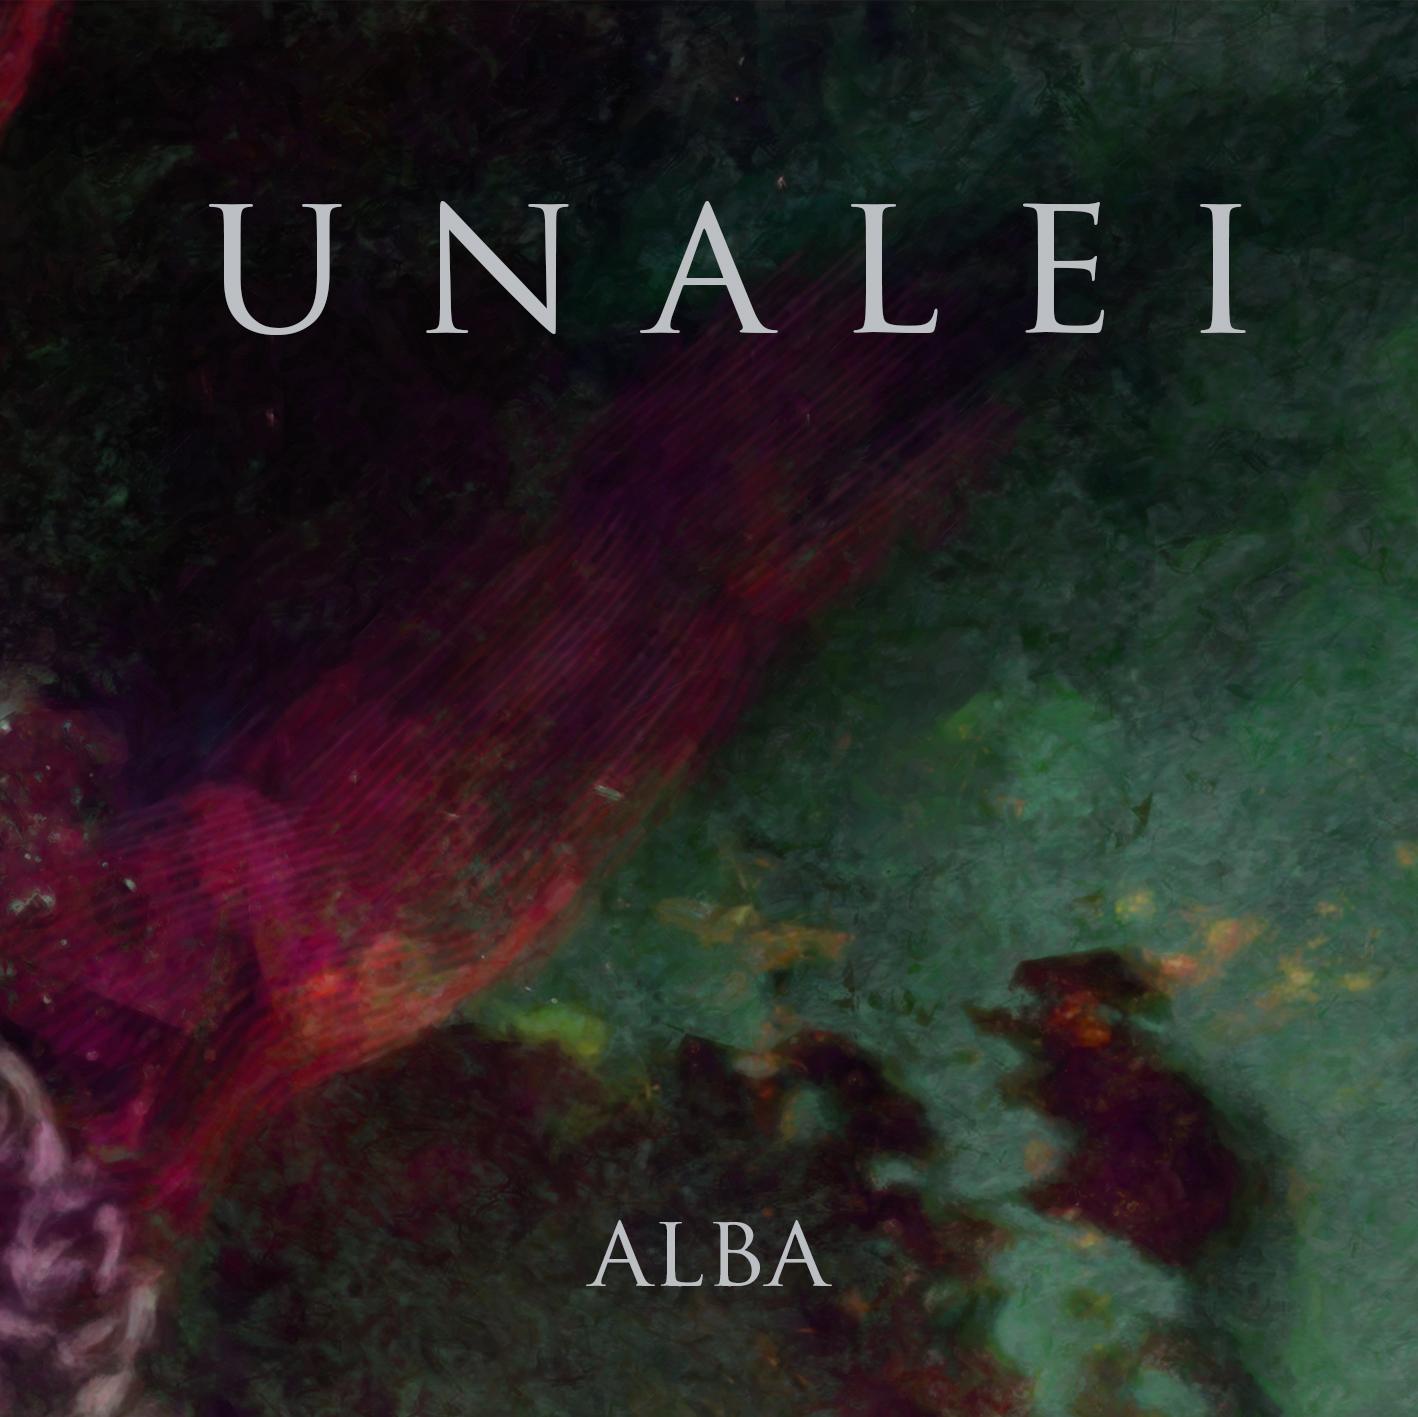 Unalei - Alba cover